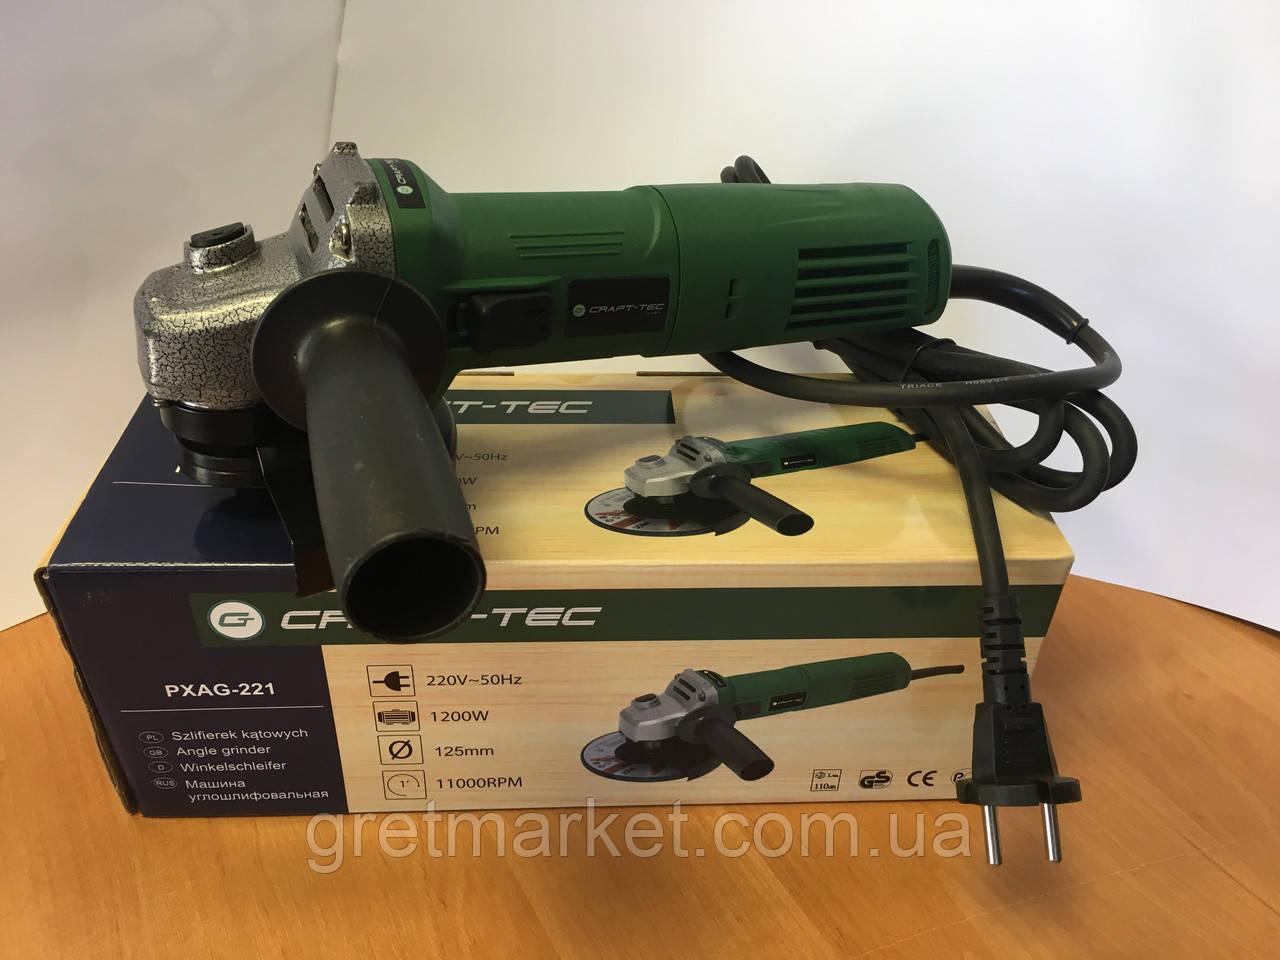 Угловая шлифмашина Craft-tec PXAG-221 125мм